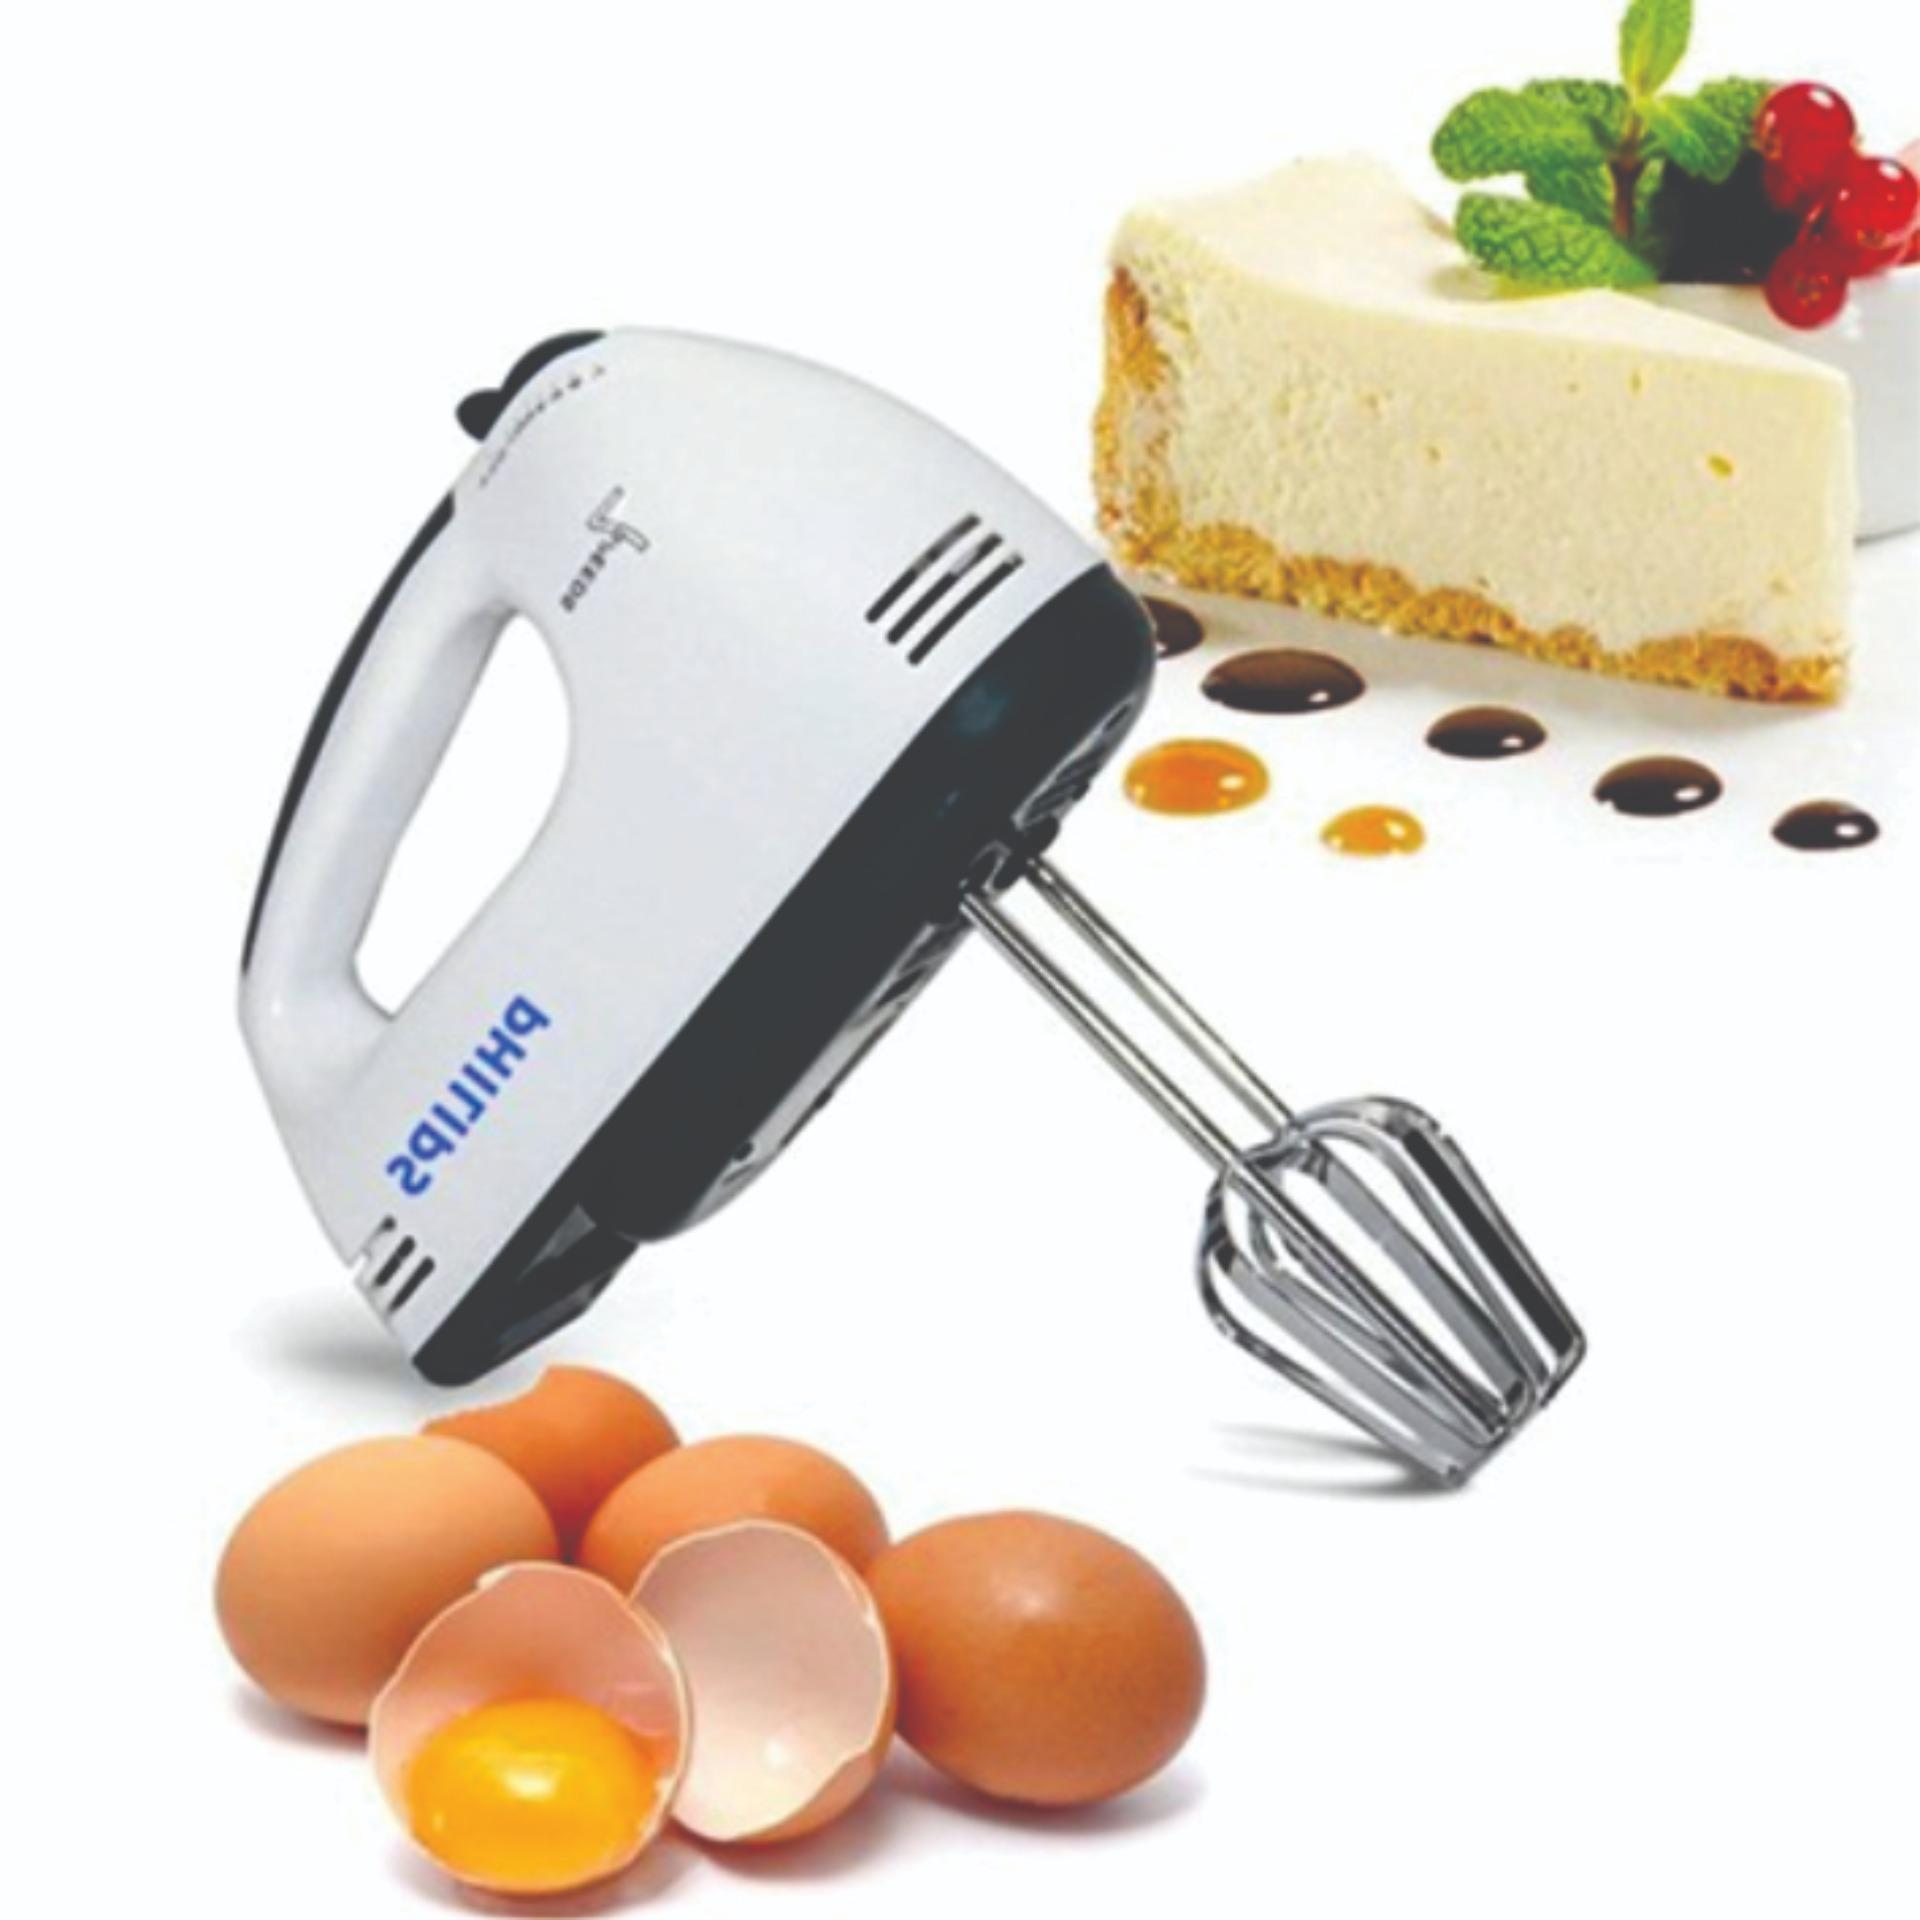 Hình ảnh Máy đánh kem đánh trứng cầm tay hàng nhập khẩu